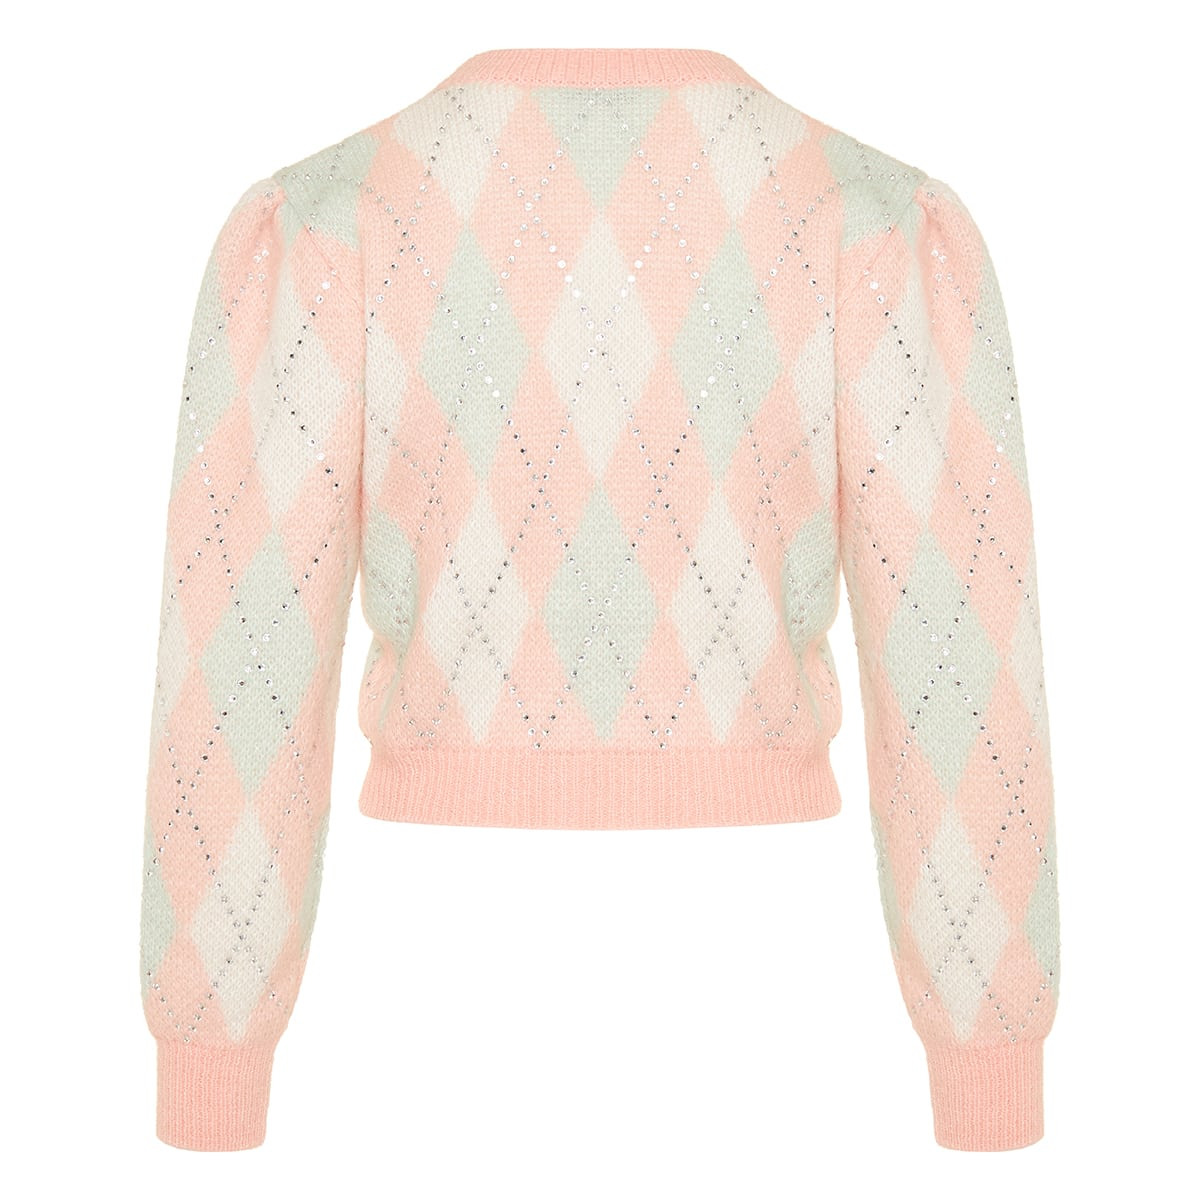 Crystal-embellished cropped argyle cardigan